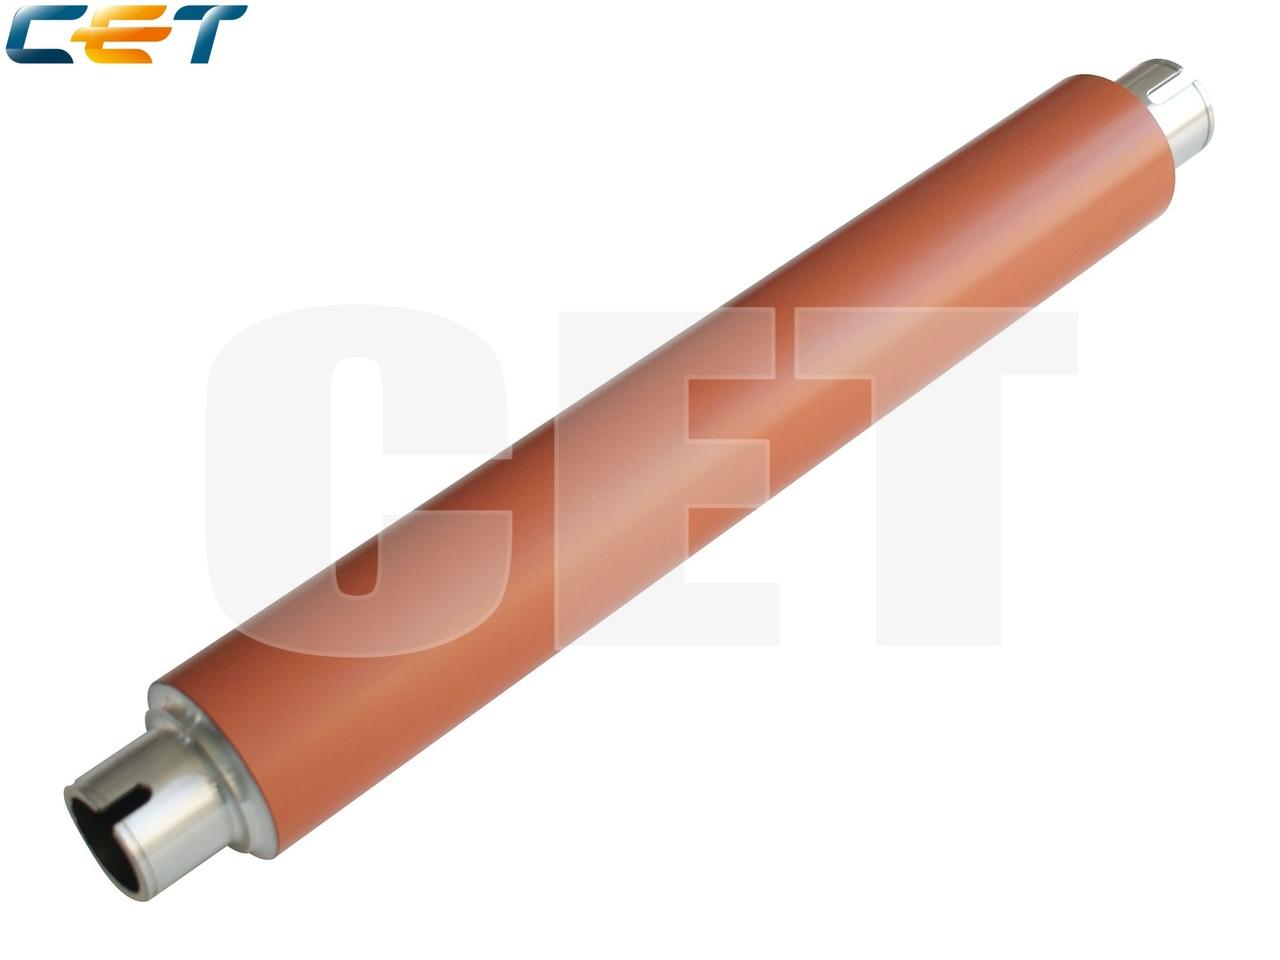 Тефлоновый вал FB4-3639-000 для CANON iR5000/6000 (CET),CET3015